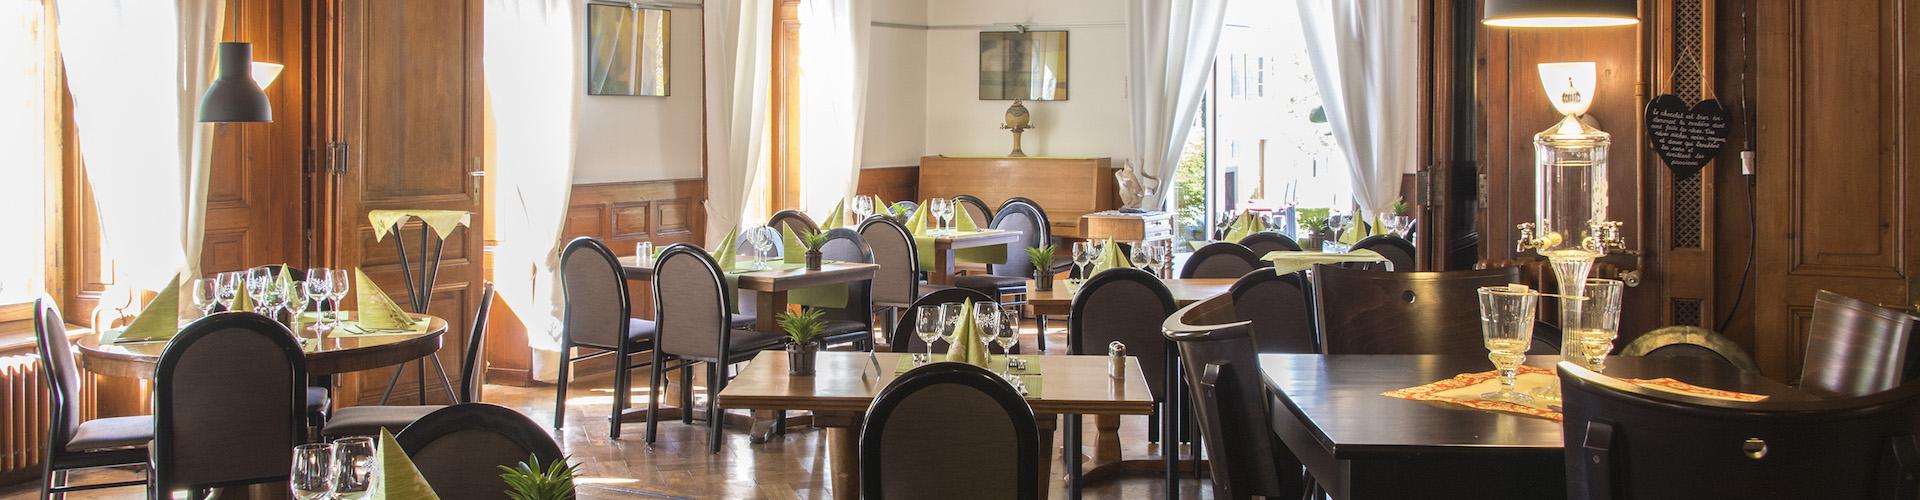 Restaurant de l'Hôtel de l'Aigle